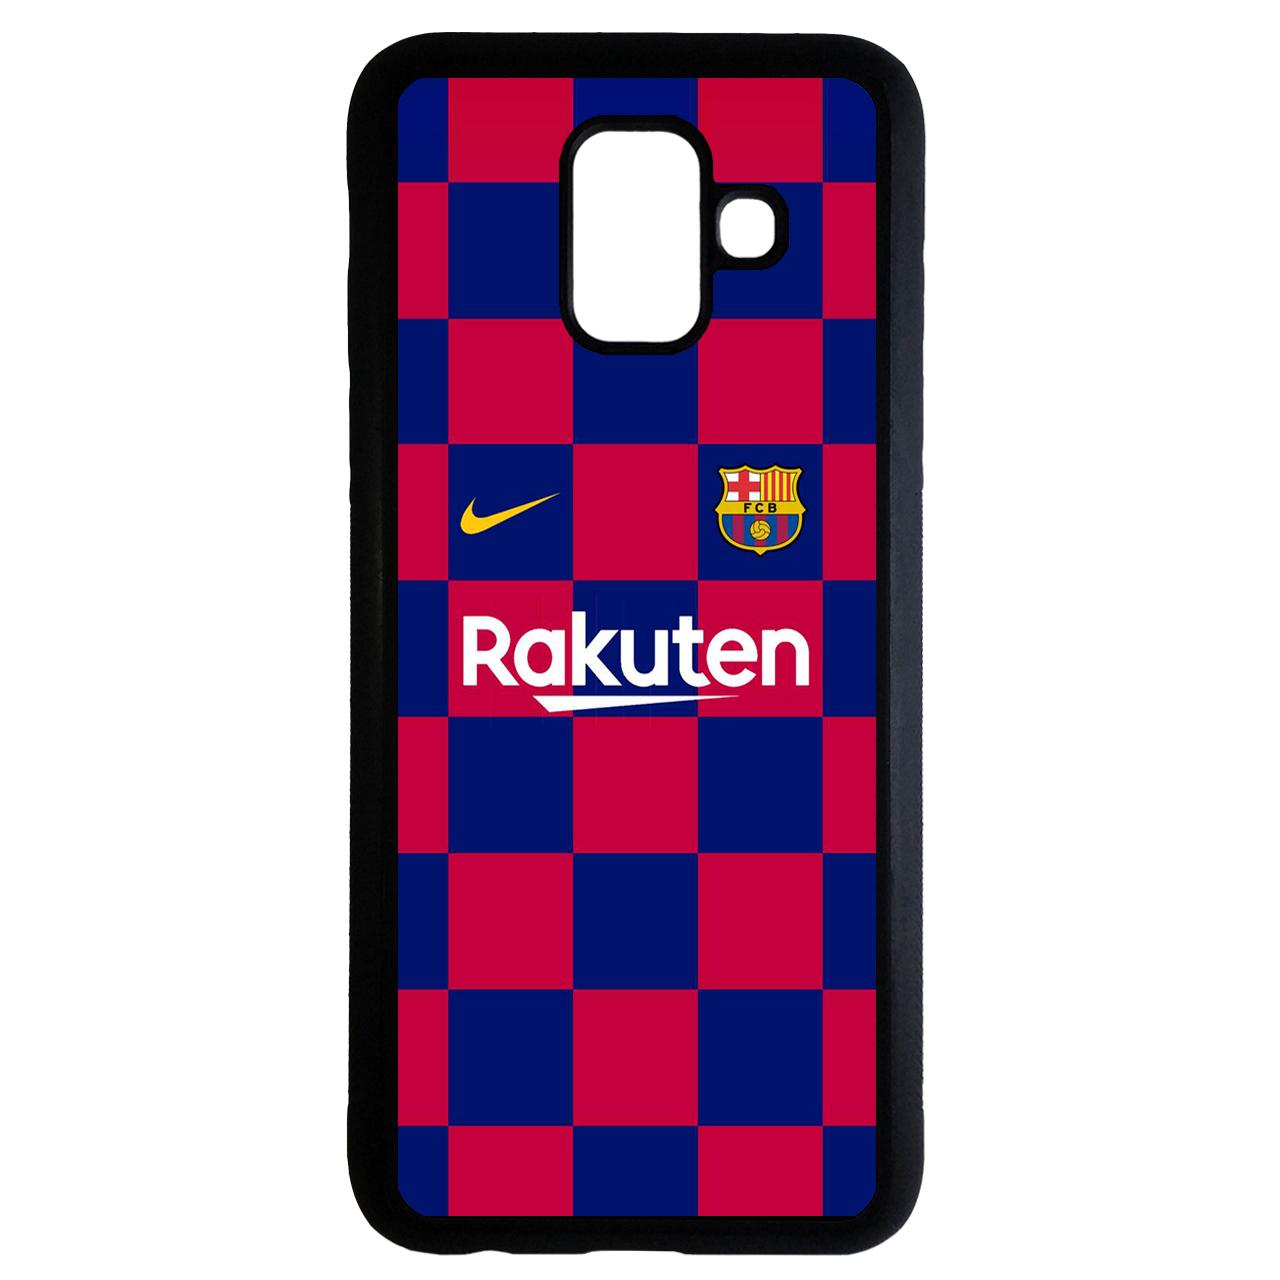 کاور طرح لباس تیم بارسلونا کد 1105340 مناسب برای گوشی موبایل سامسونگ galaxy j6